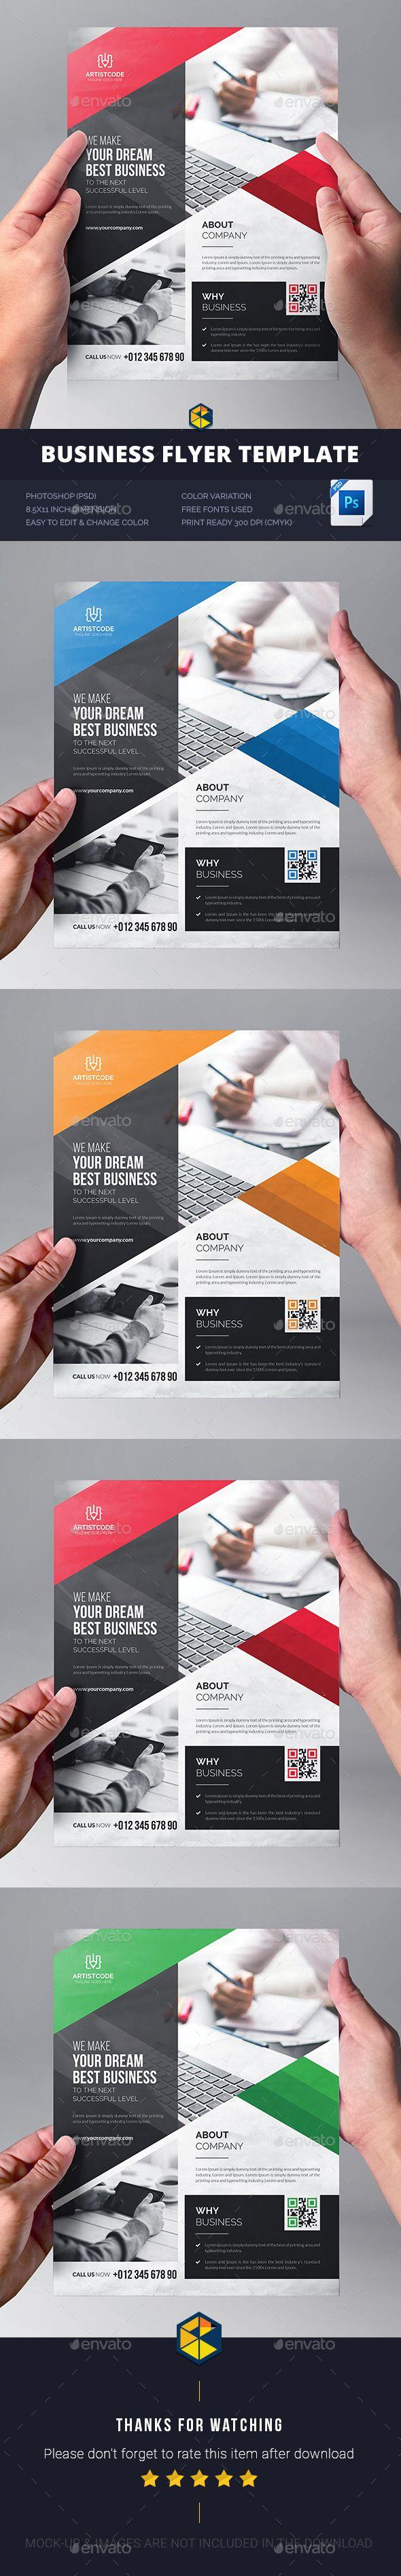 auspost branding guidelines filetype pdf